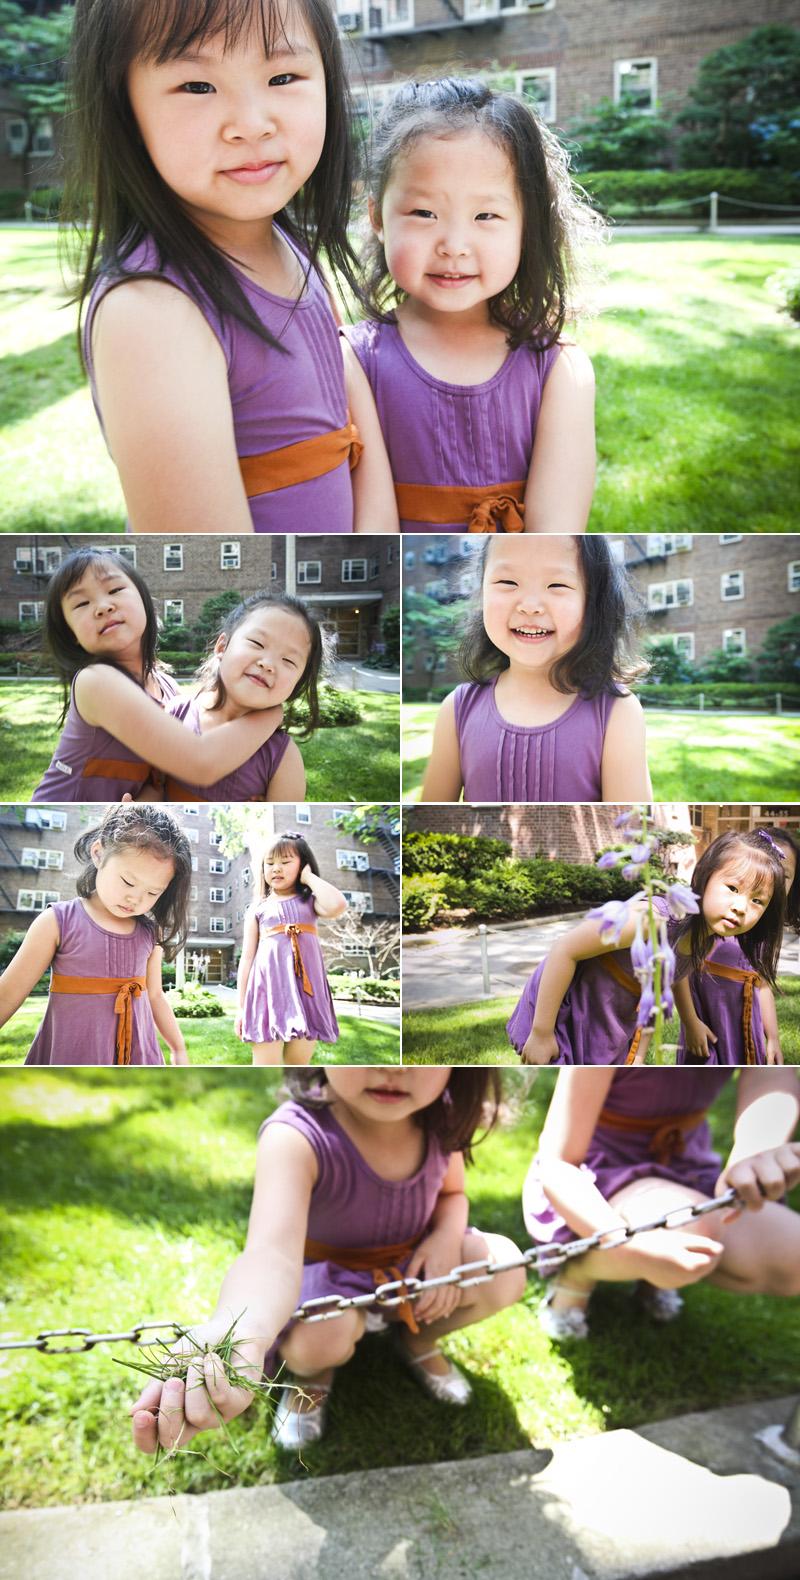 MeghanHannah_CynthiaChungPhotography_03.jpg